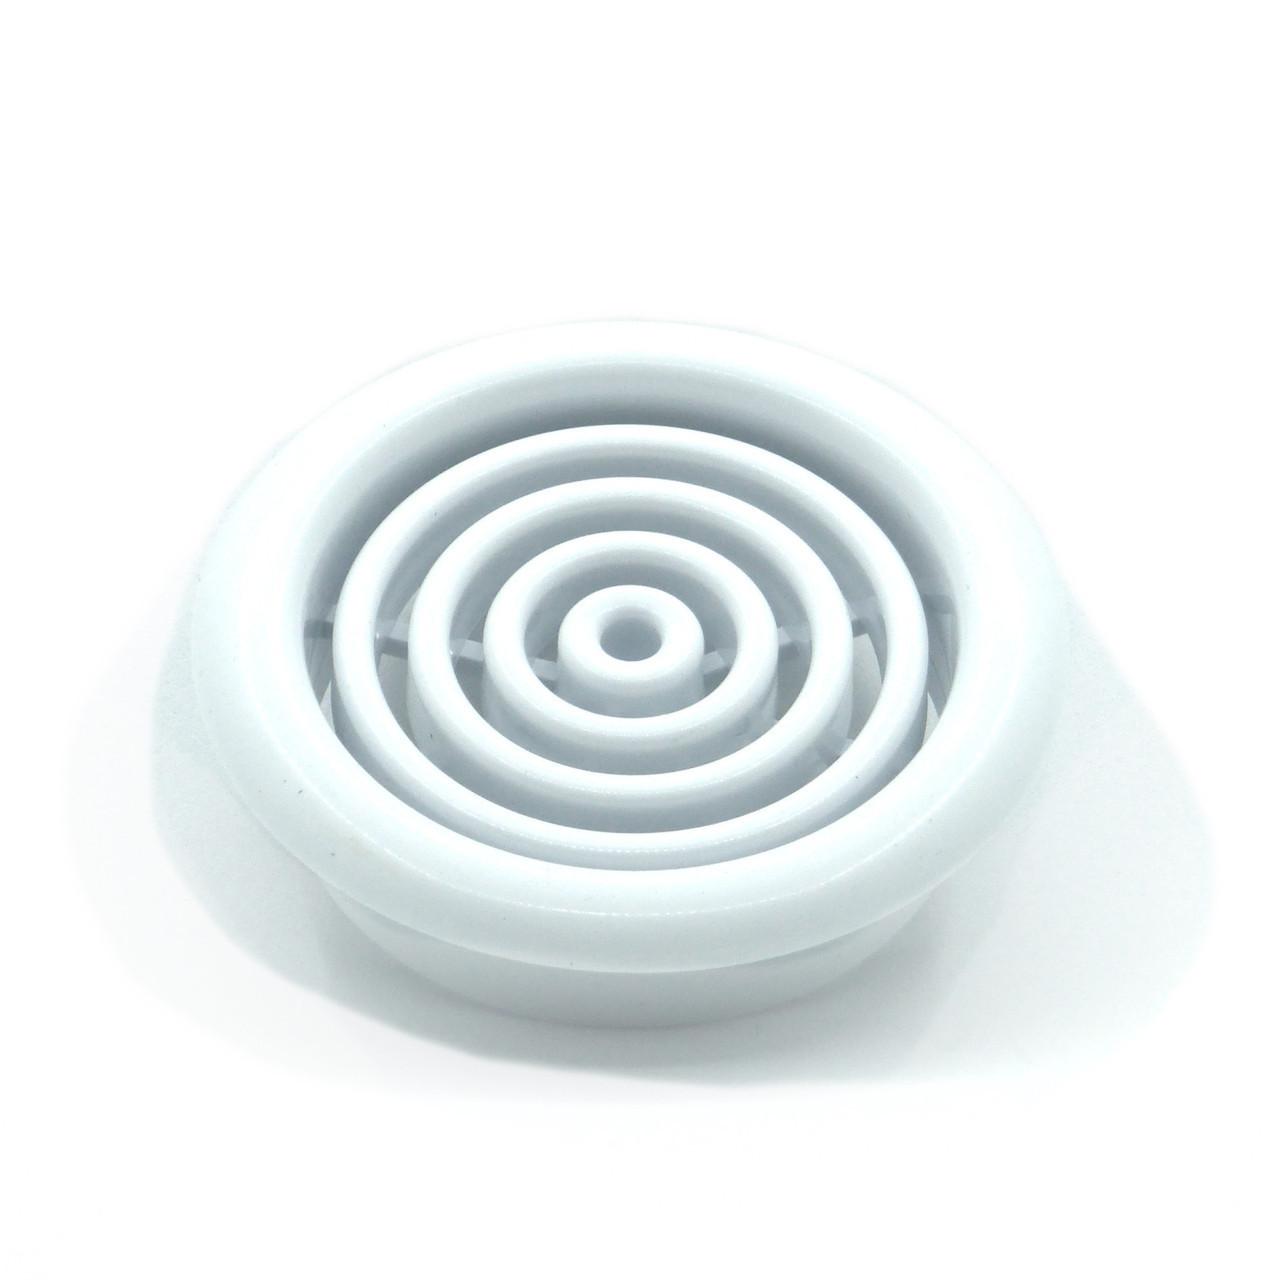 Круглая вентиляционная решетка для натяжных потолков - 45 мм, для потолочной вентиляции